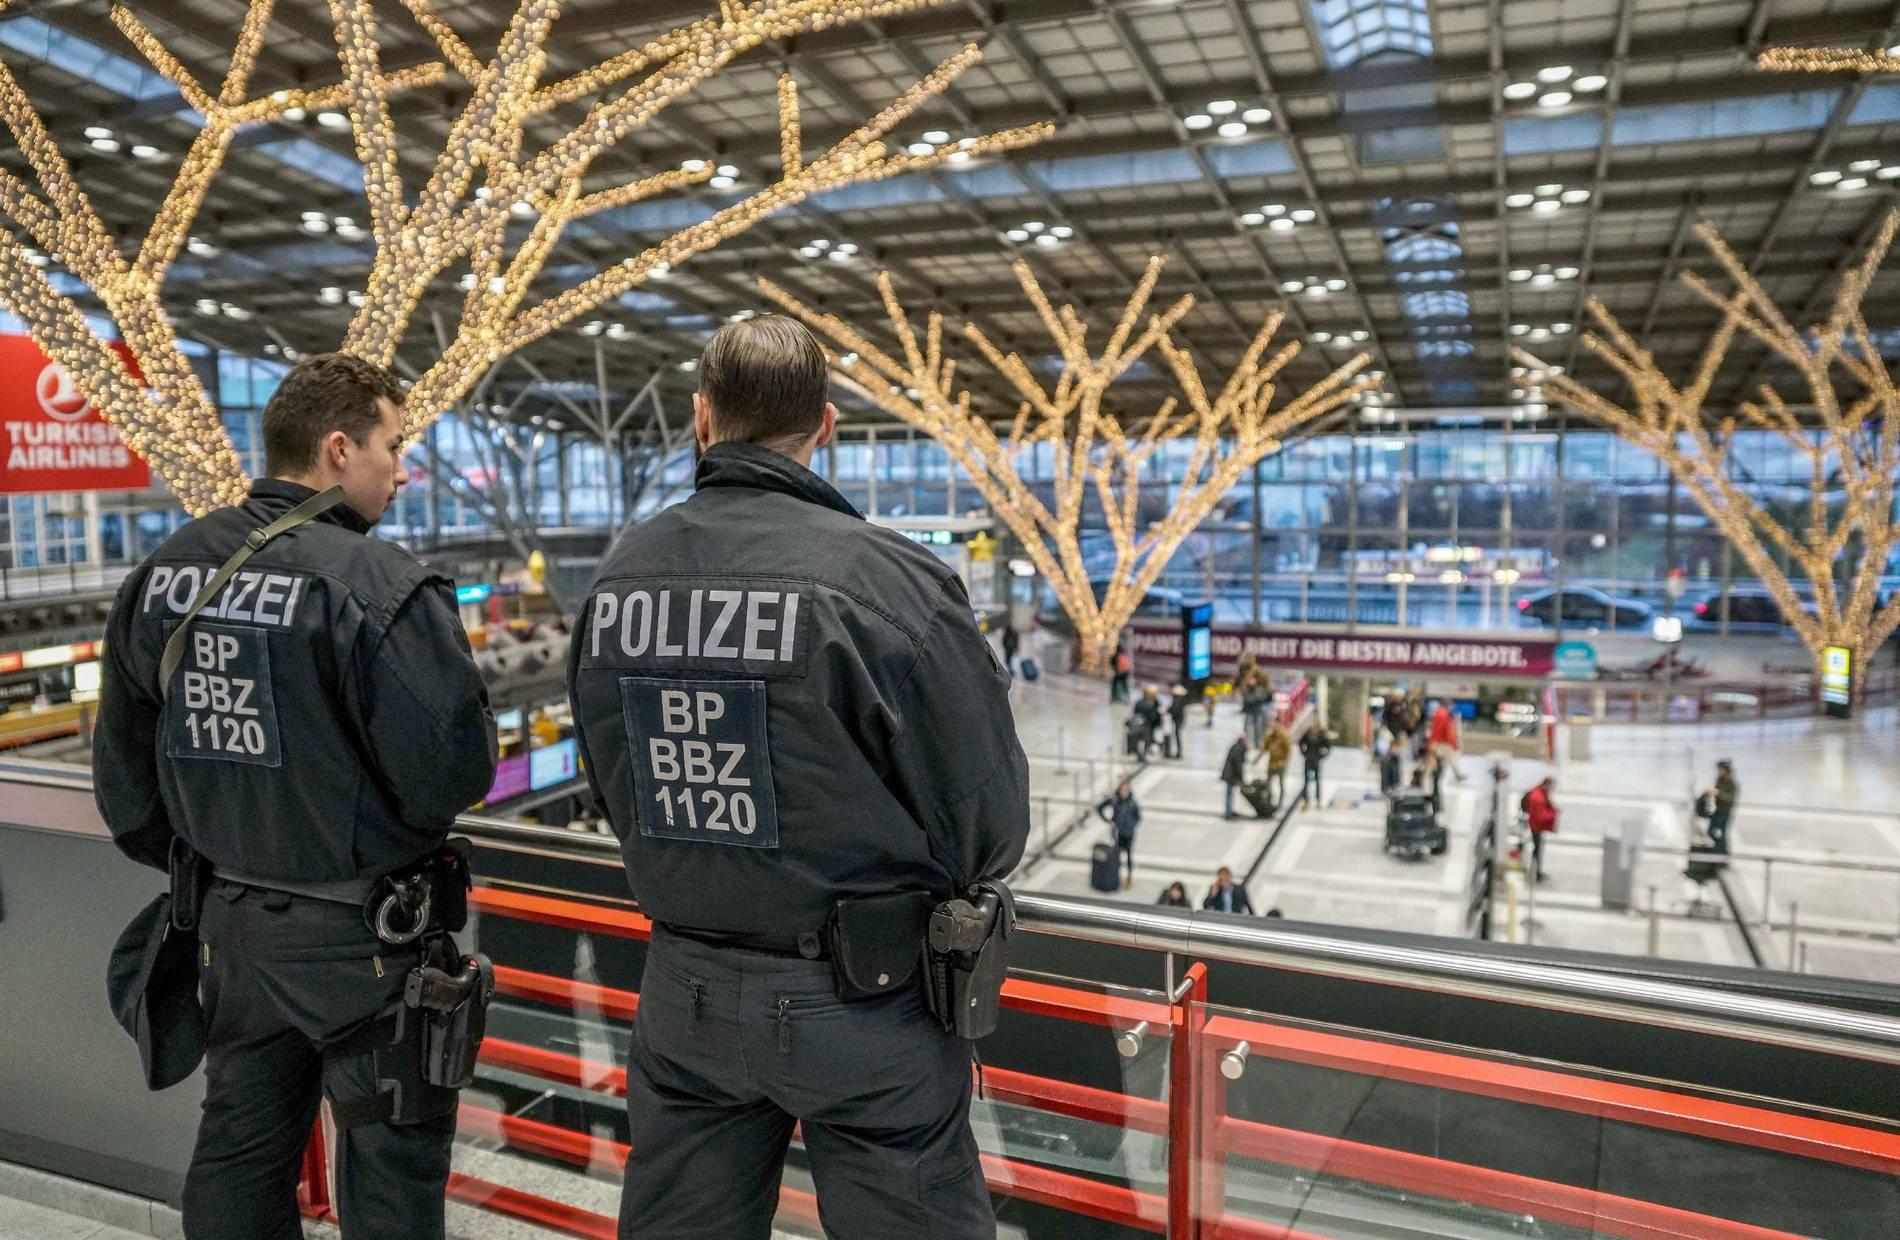 Flughafen Stuttgart ausgespäht: Sicherheitsvorkehrungen weiter hoch